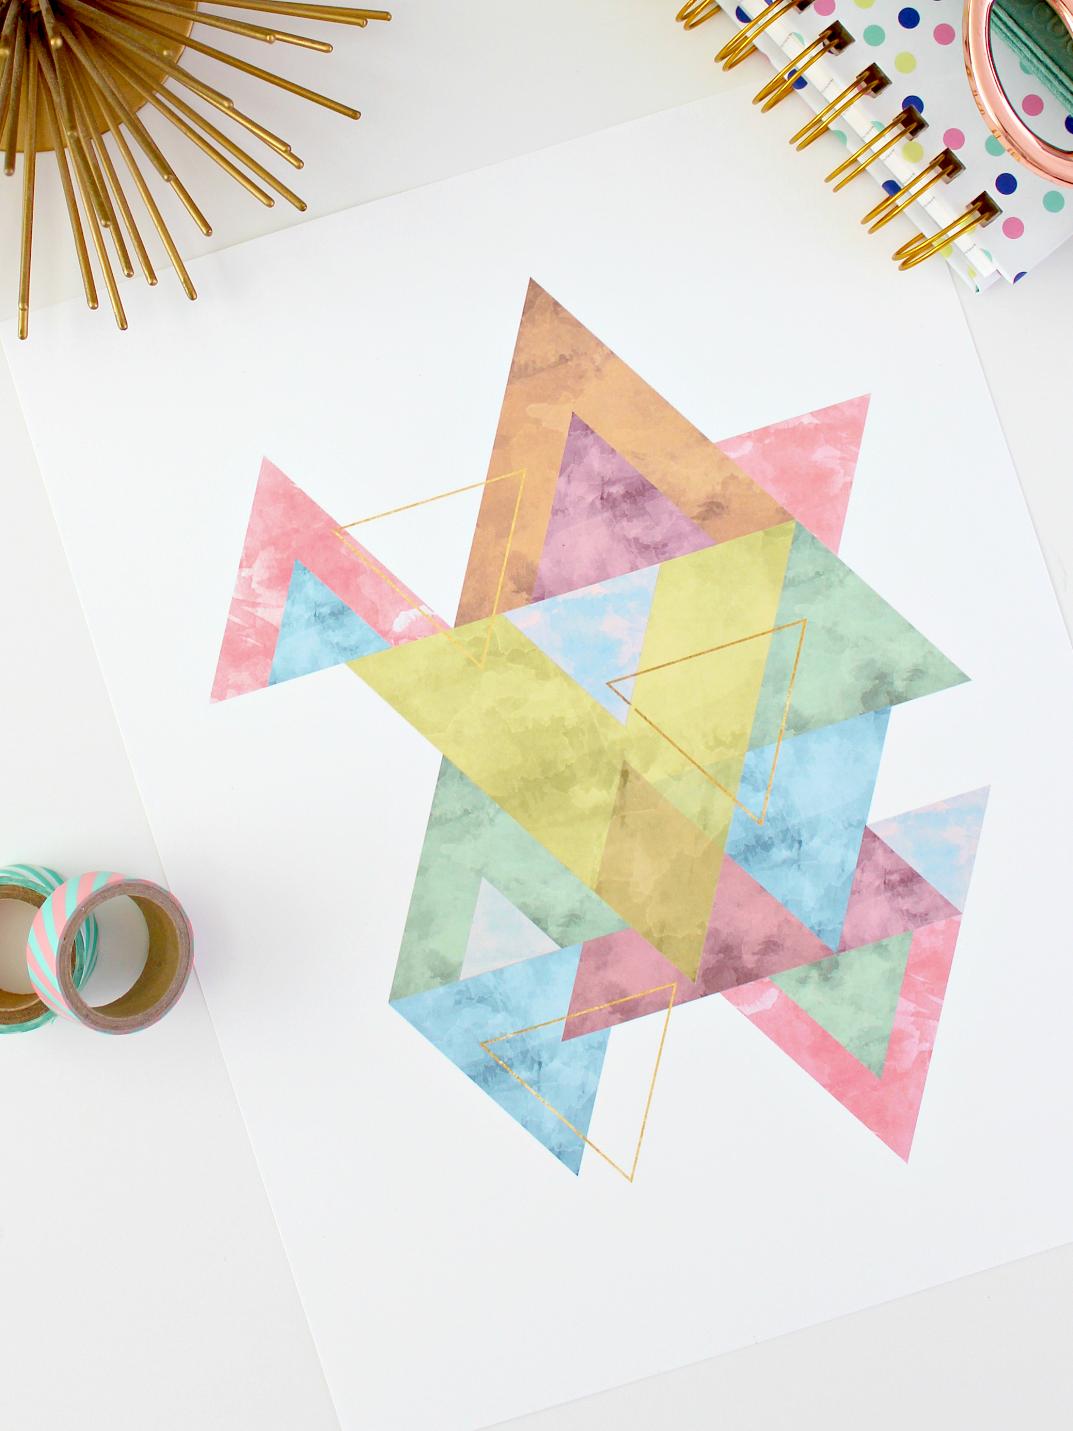 6 FREE WALL ART PRINTS WITH SHUTTERFLY – OBSiGeN